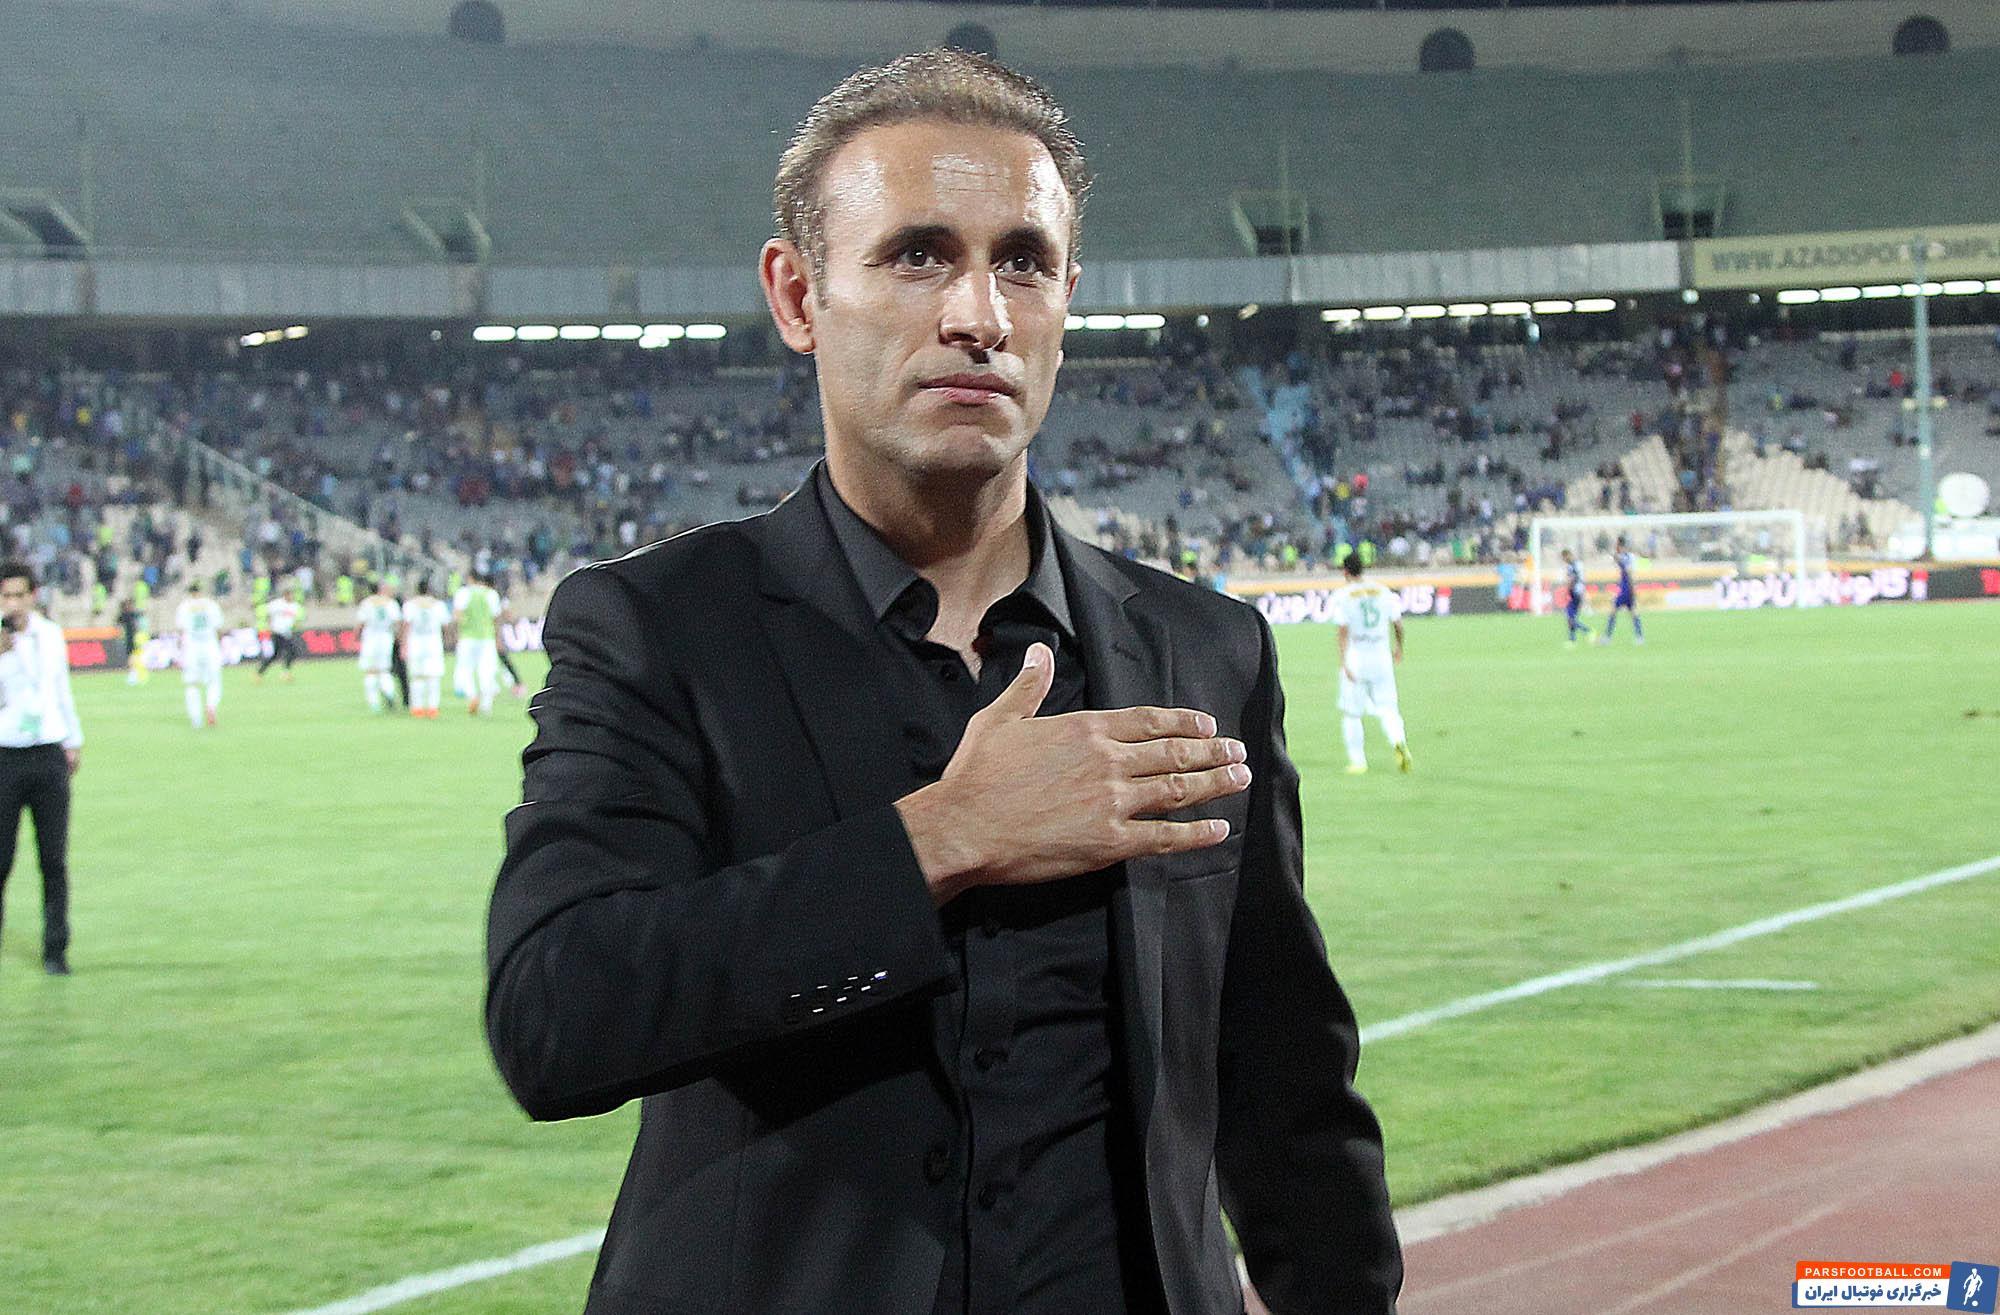 یحیی گل محمدی به دلیل منع از جذب بازیکن خارجی از فدراسیون فوتبال انتقاد کرد